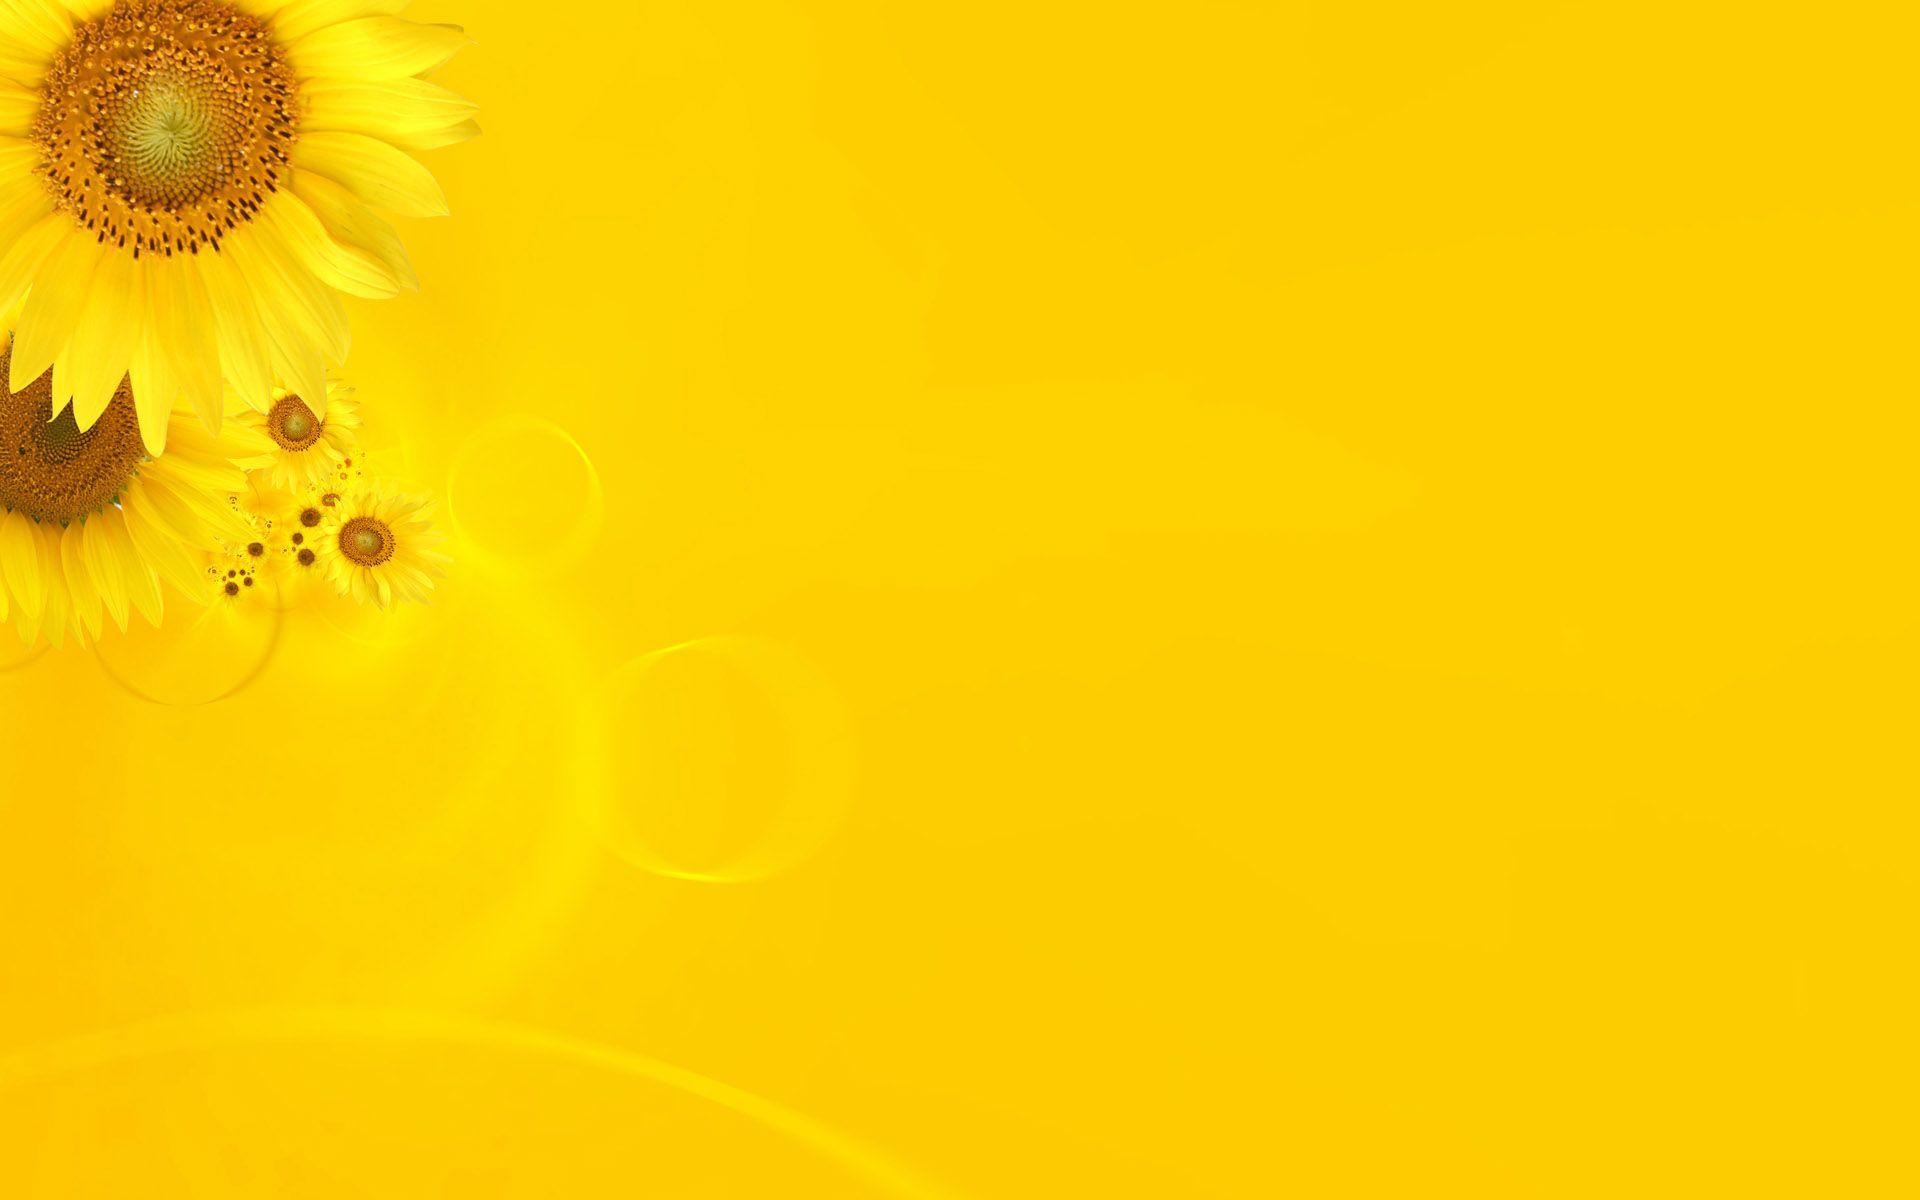 yellow background aesthetic